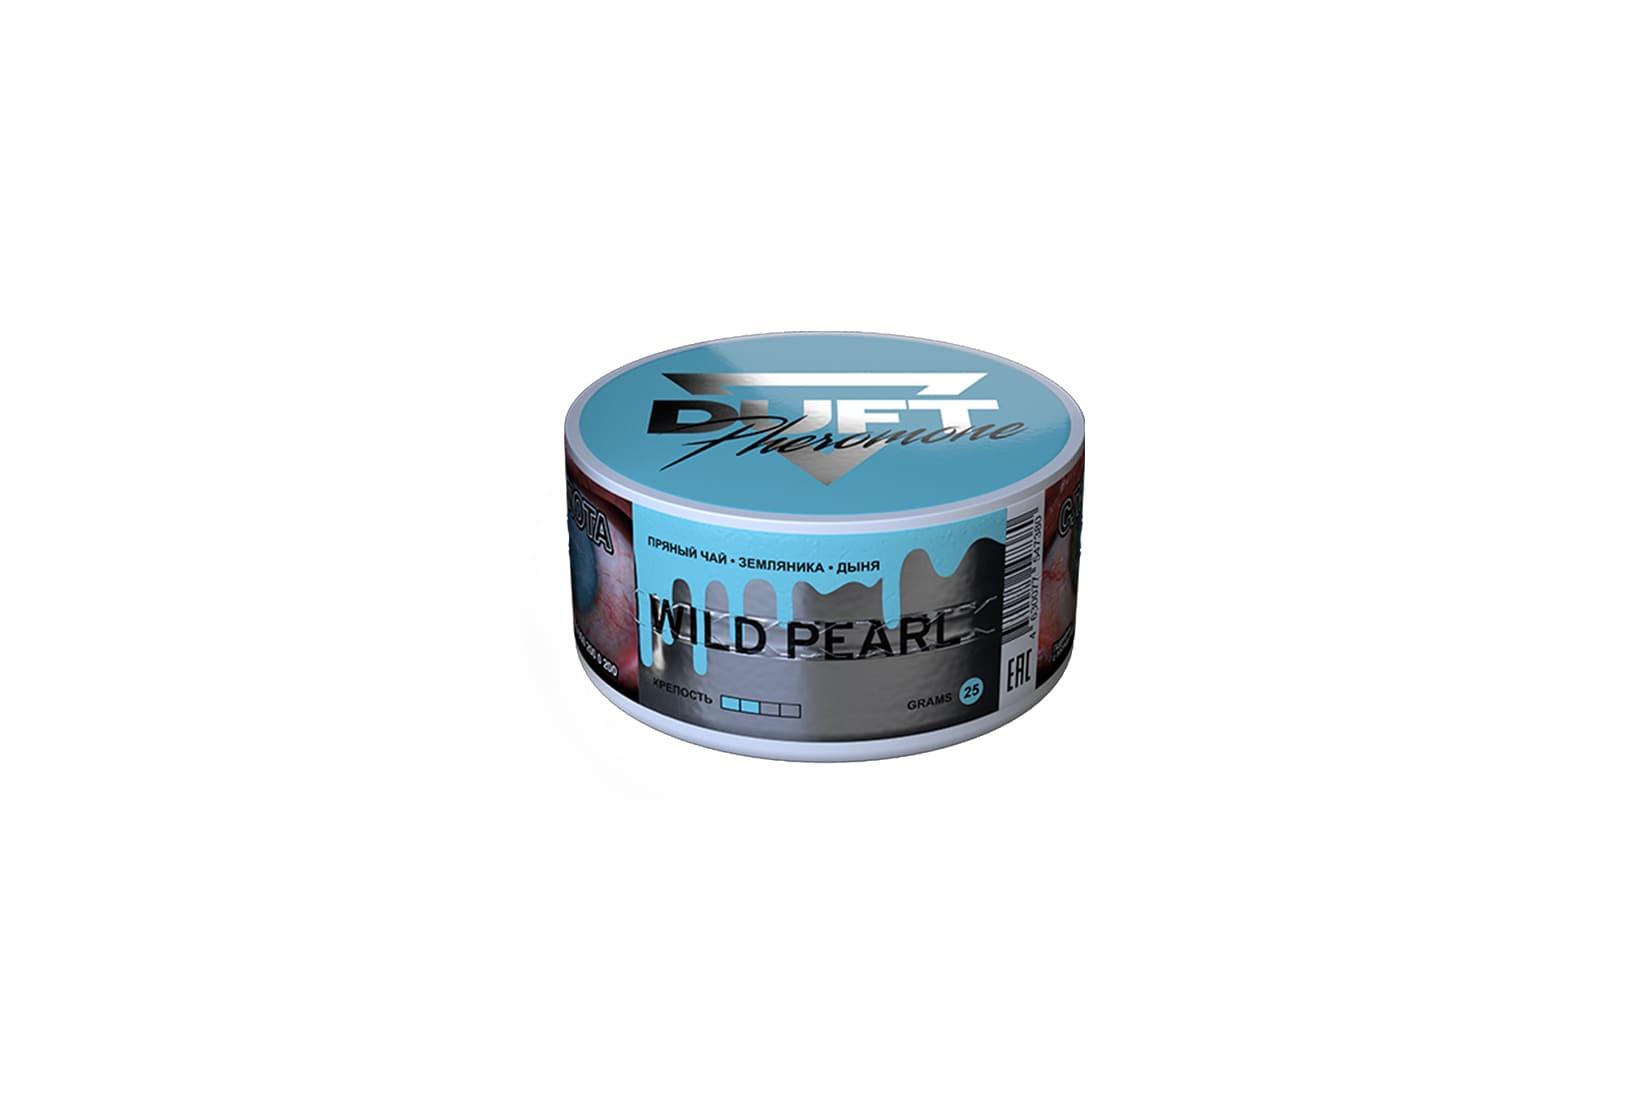 Табак для кальяна Duft Pheromon WILD PEARL: описание, миксы, отзывы